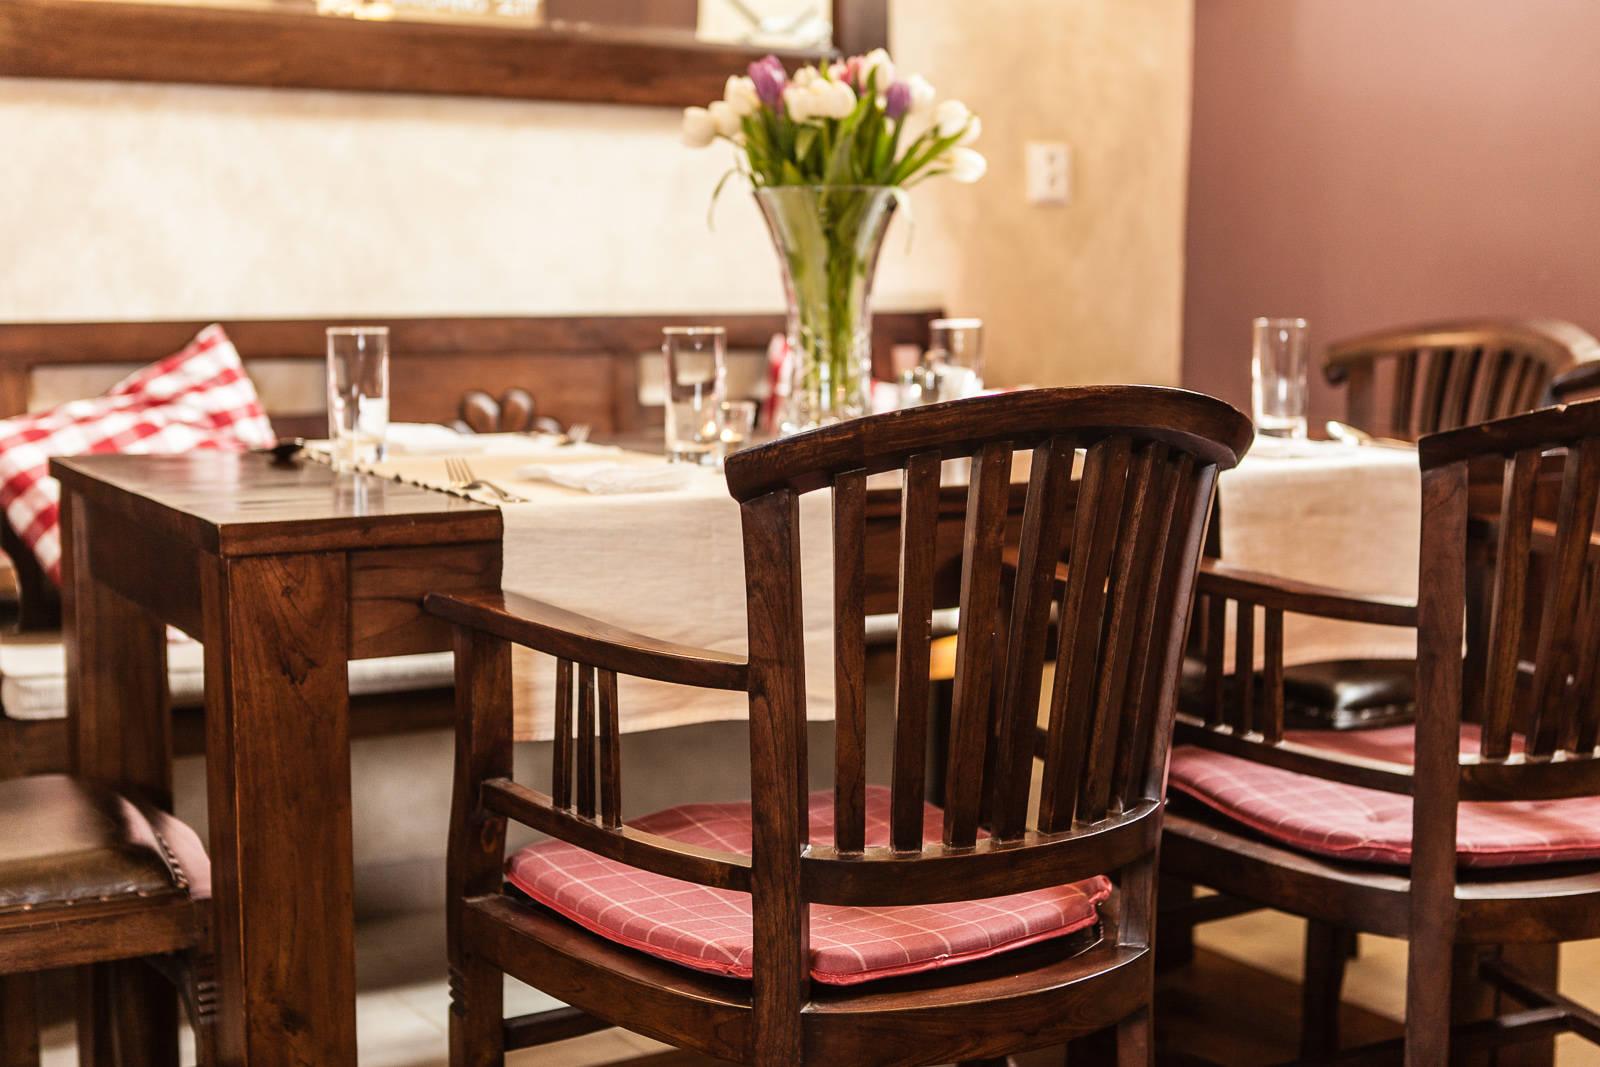 Teakový jídelní stůl s židlemi